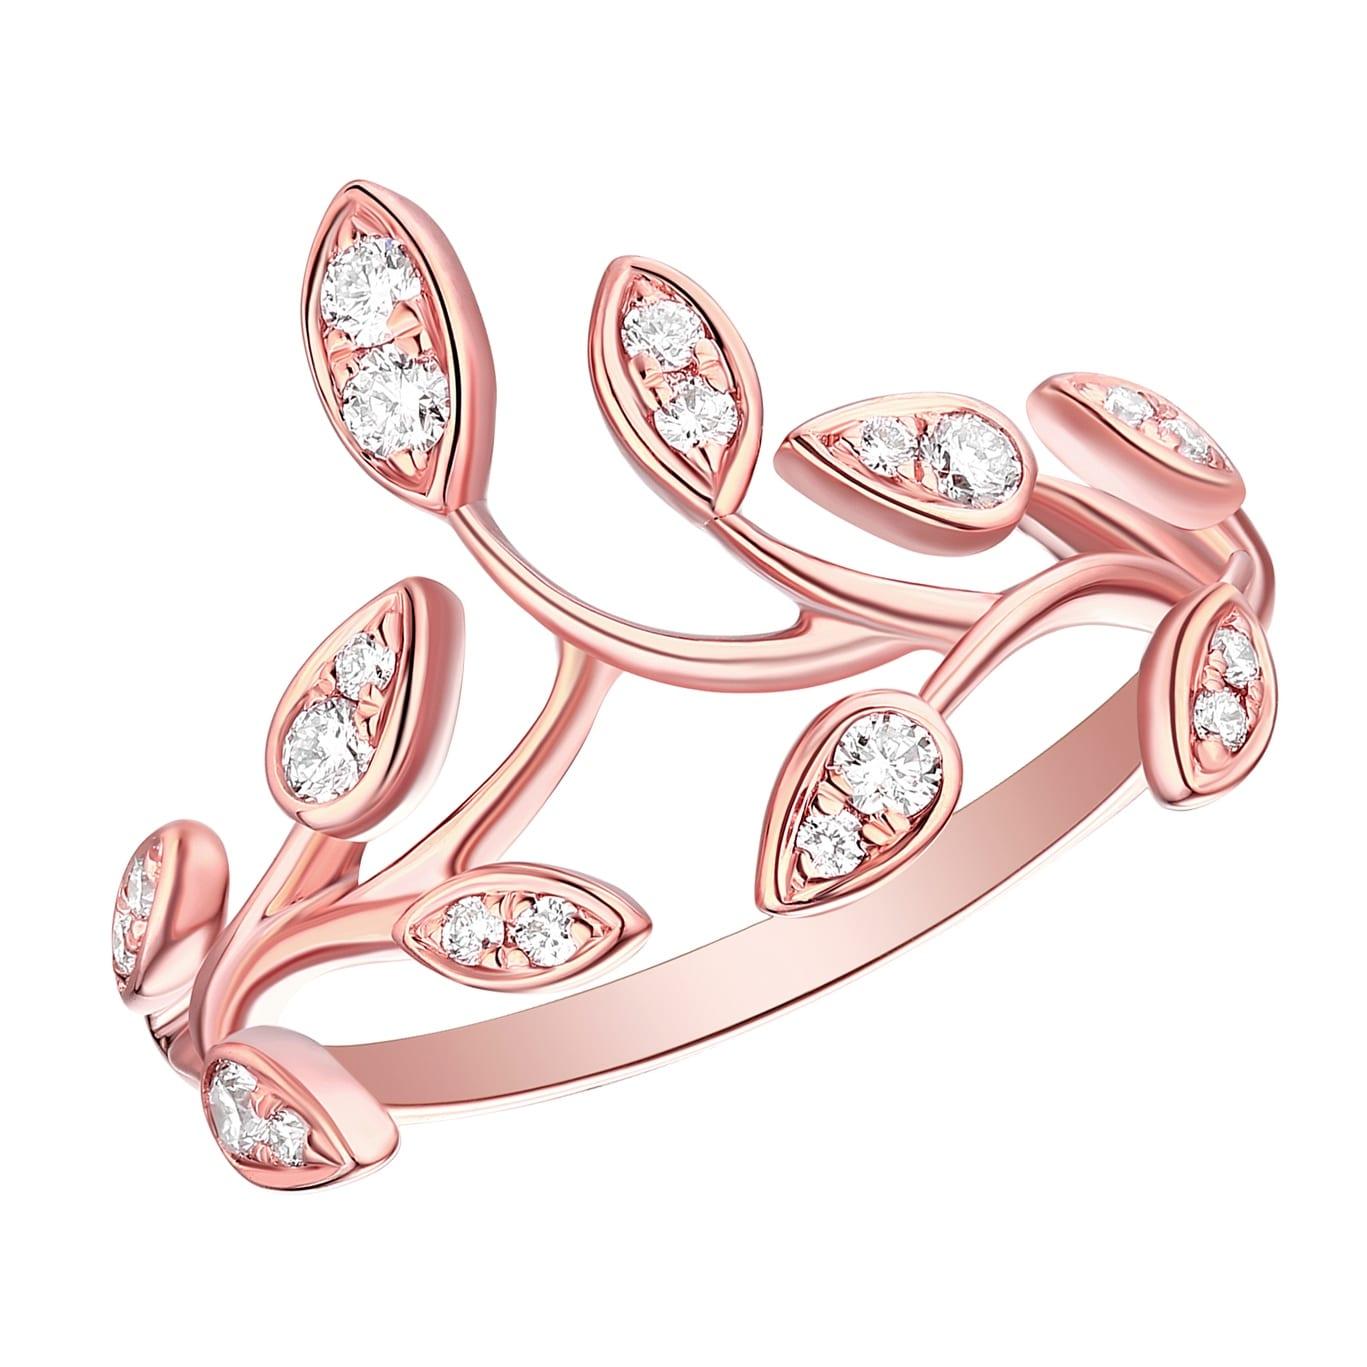 Shop Prism Jewel 0.26Ct Round G-H/I1 Natural Diamond Olive Leaf Ring ...